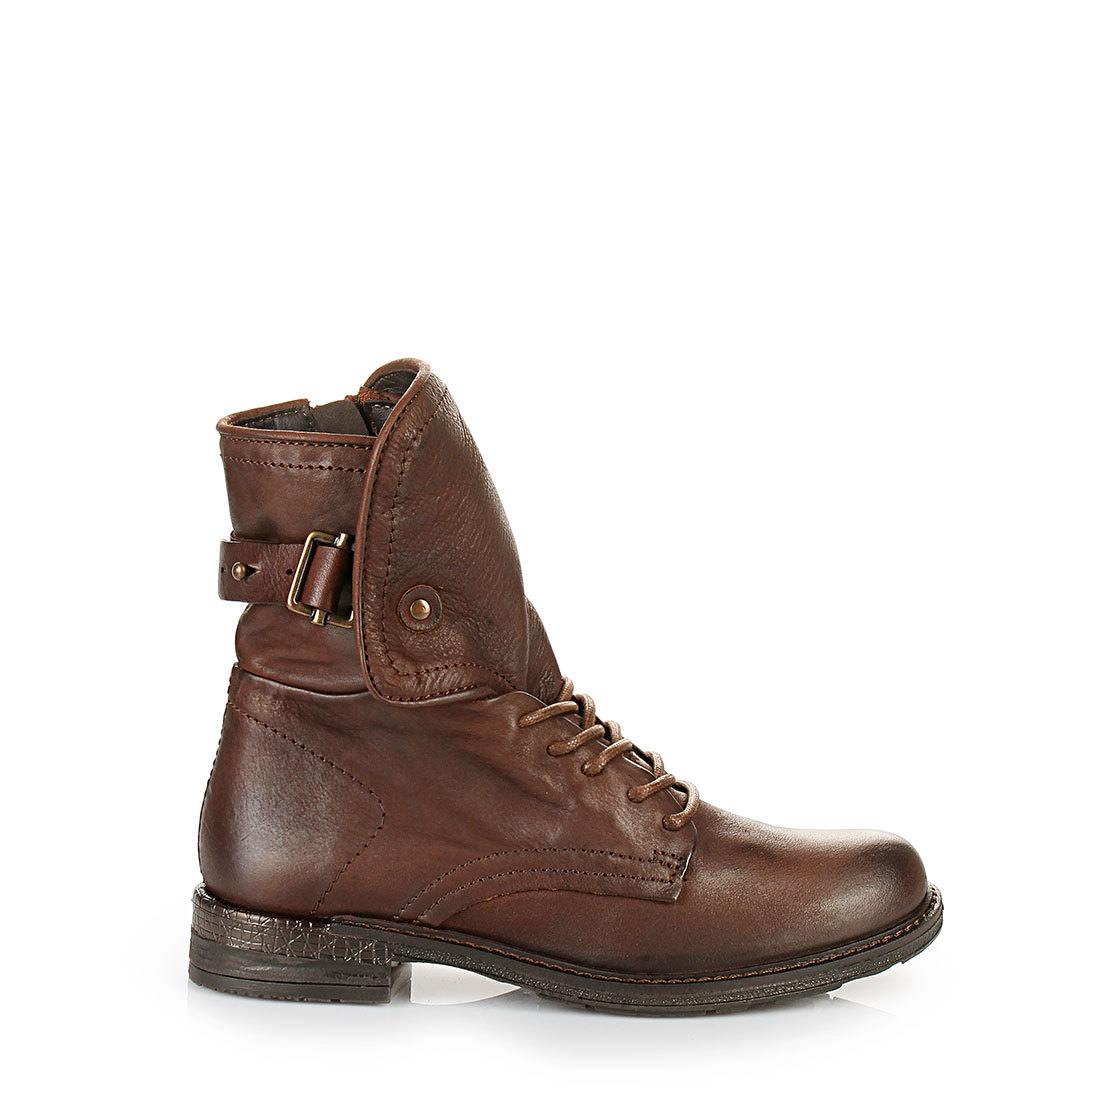 Buffalo Boots In Black Buy Online In Buffalo Online Shop